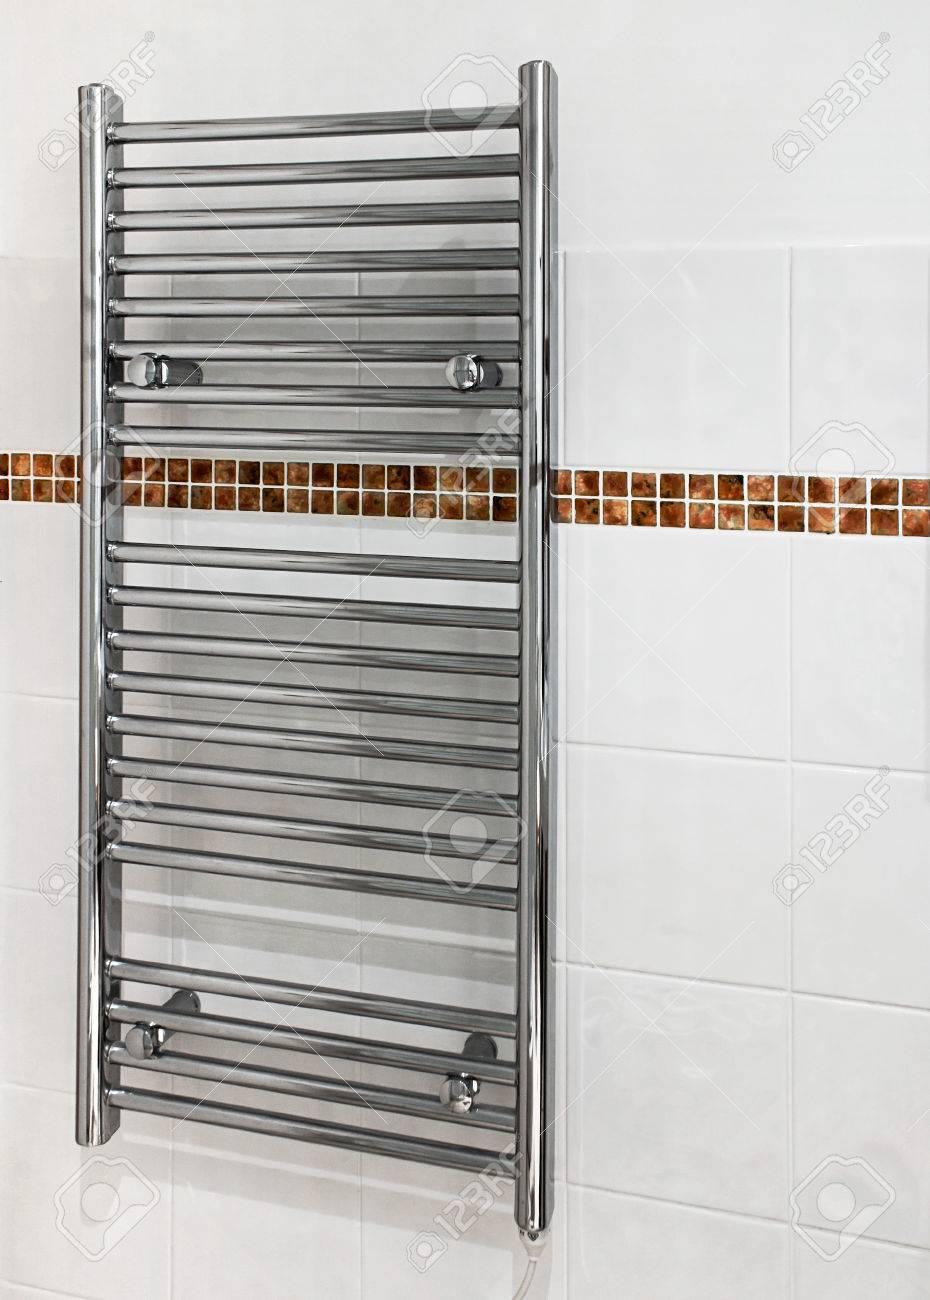 Full Size of Chrome Beheizte Handtuchhalter Bad Heizkörper Wohnzimmer Küche Elektroheizkörper Für Wohnzimmer Handtuchhalter Heizkörper